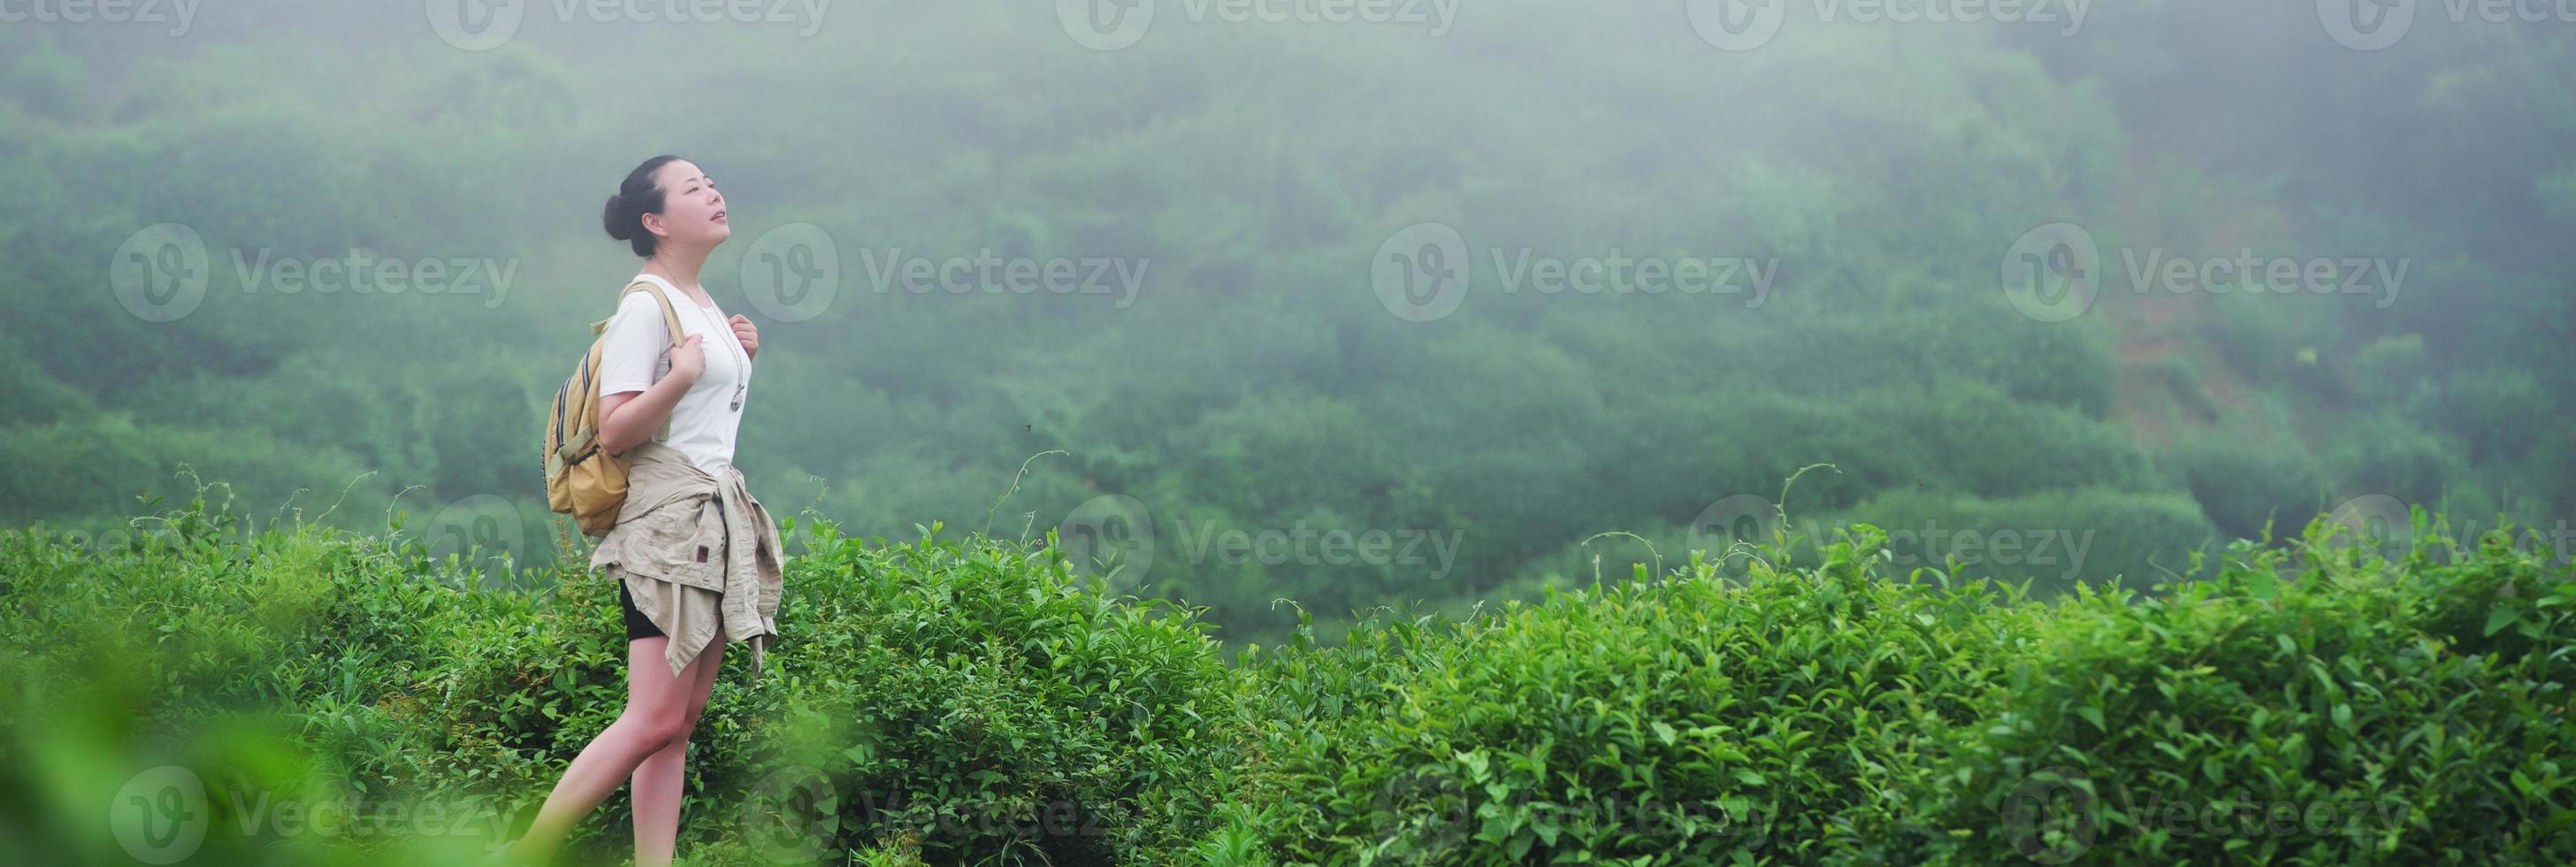 femmes regardant le champ de plantation de thé. photo